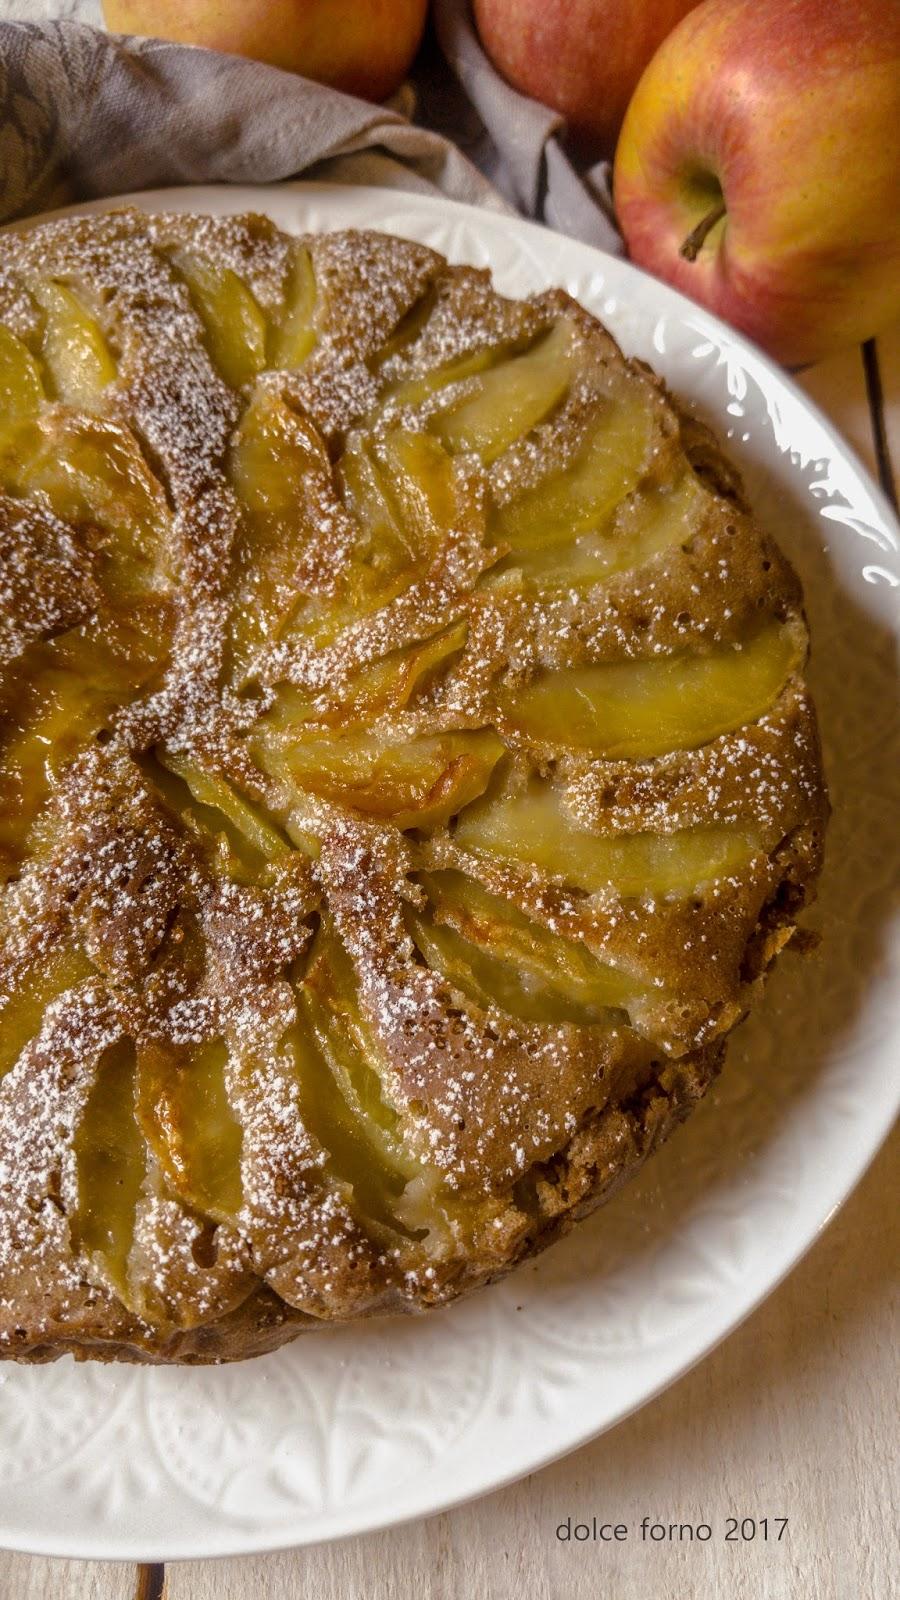 torta di mele vegan cotta in padella